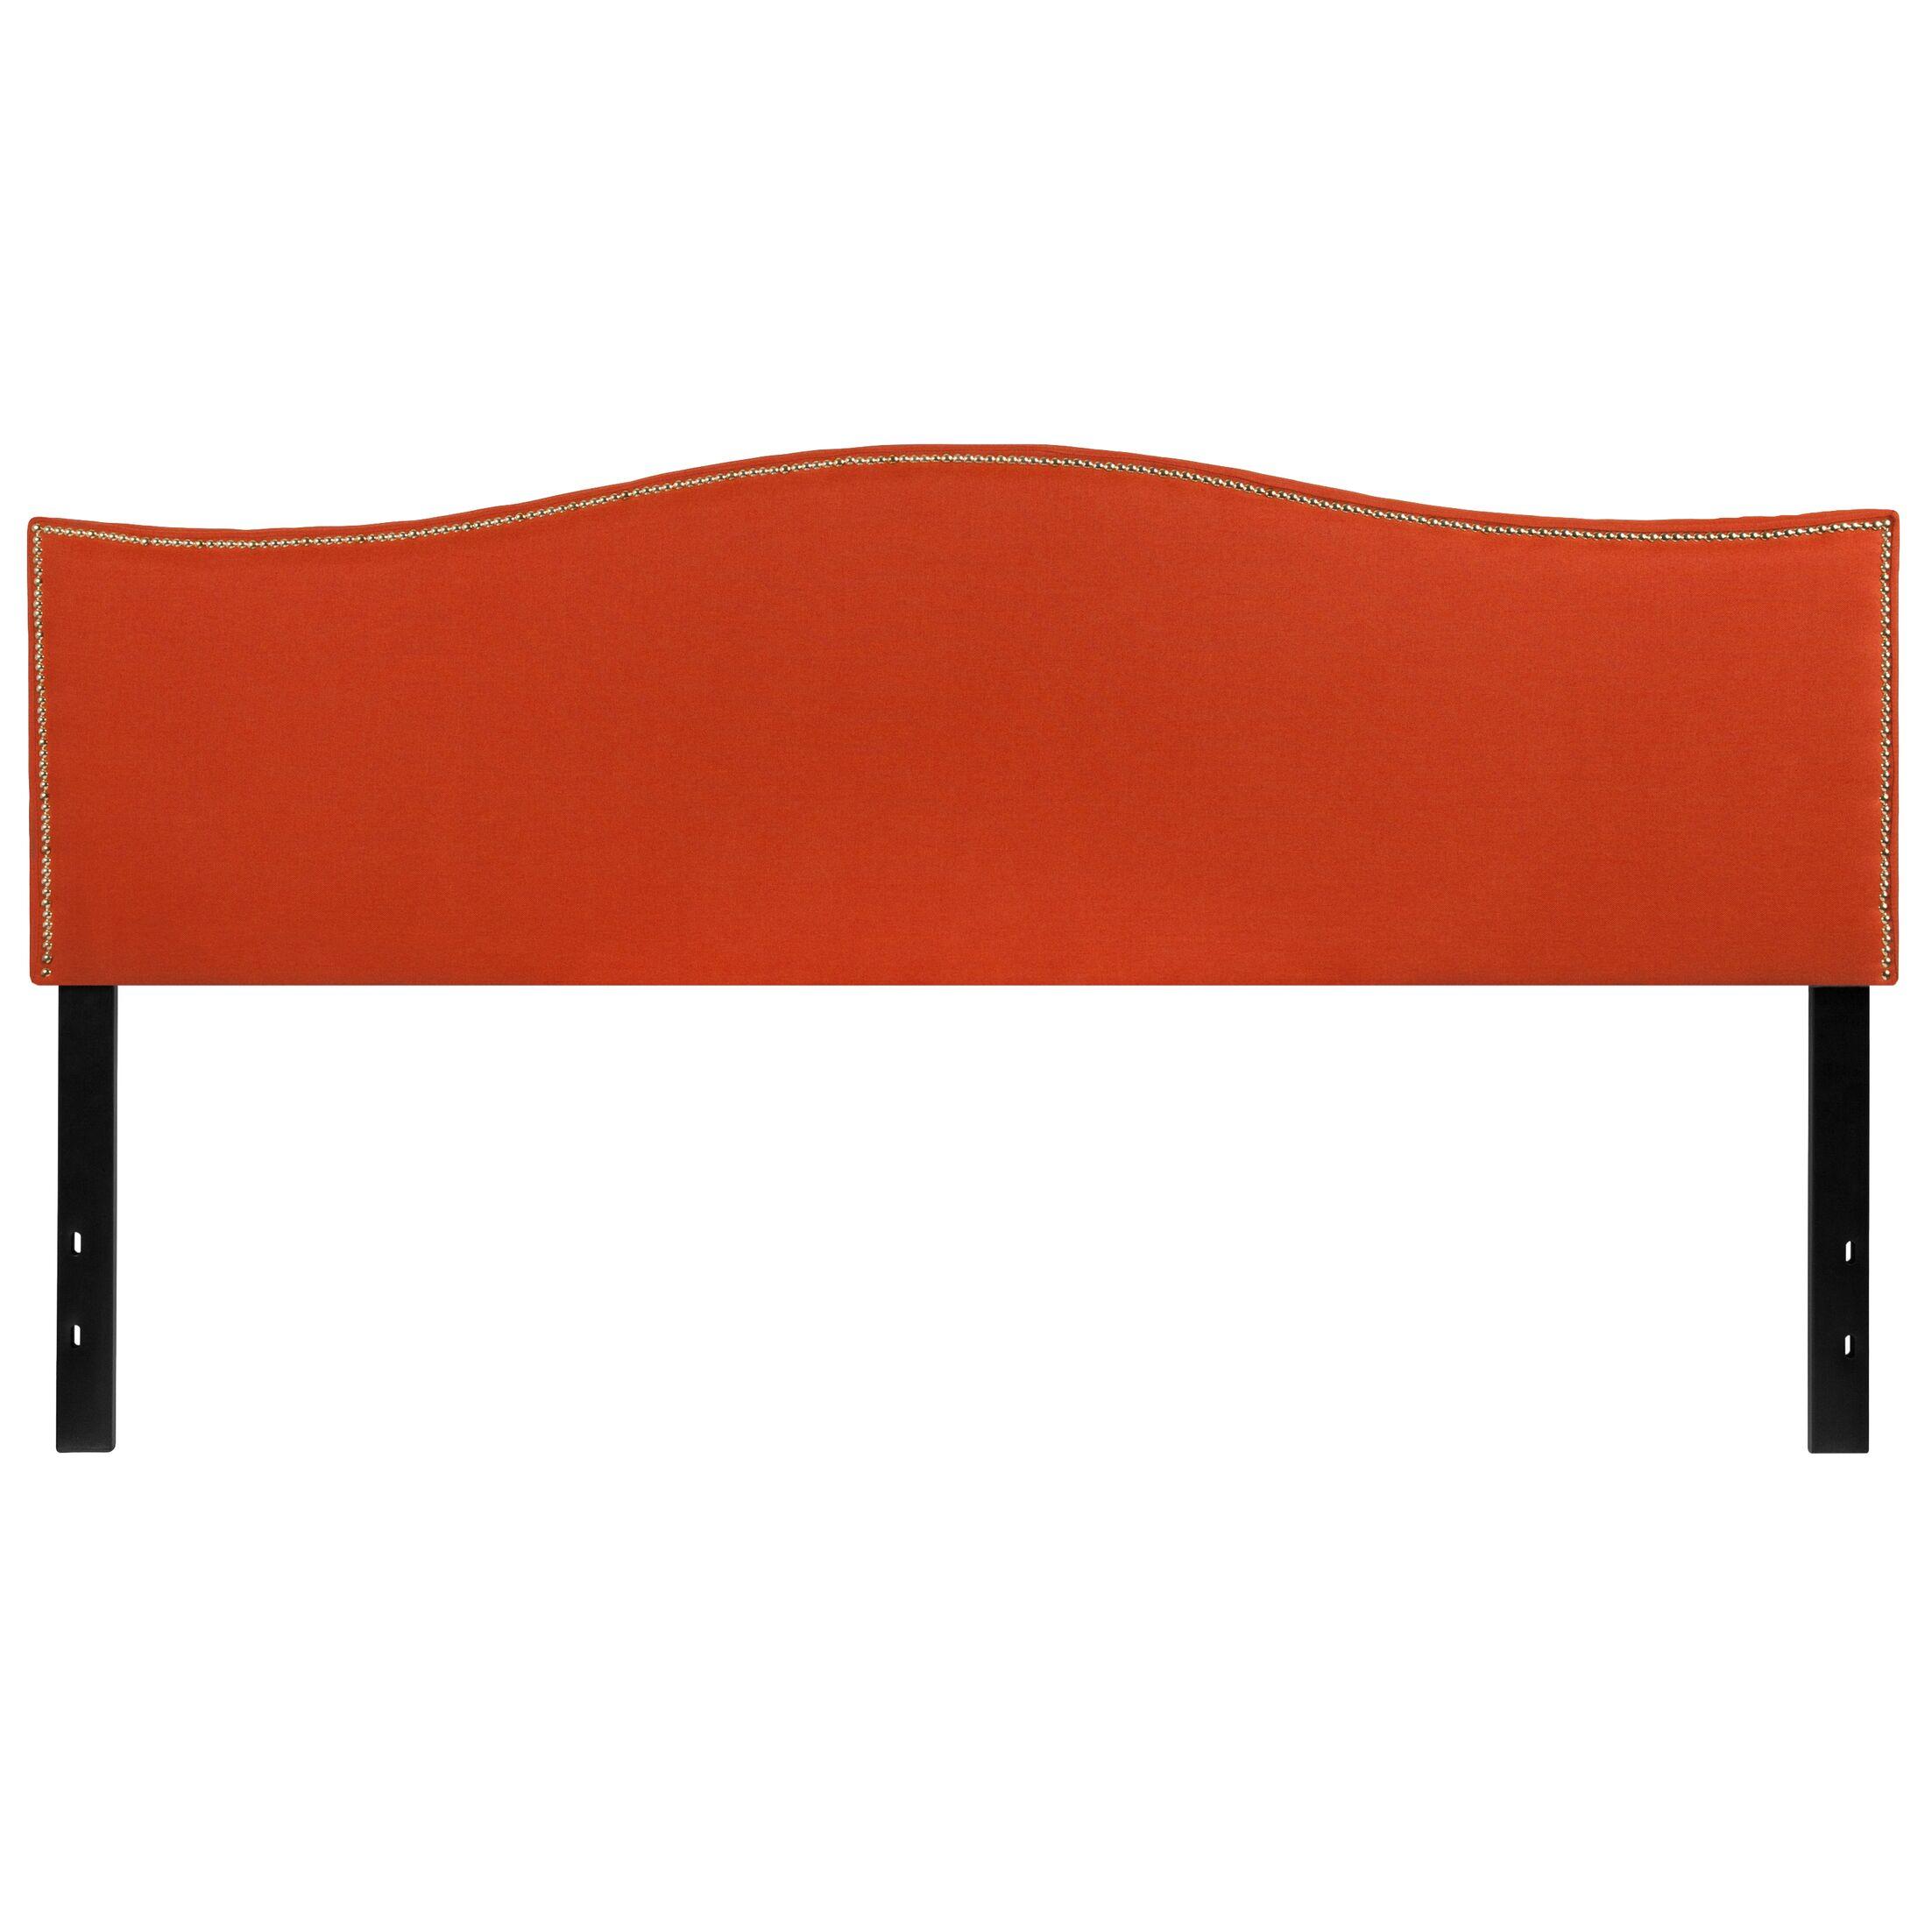 Fitzsimmons Upholstered Panel Headboard Size: Full, Upholstery: Orange